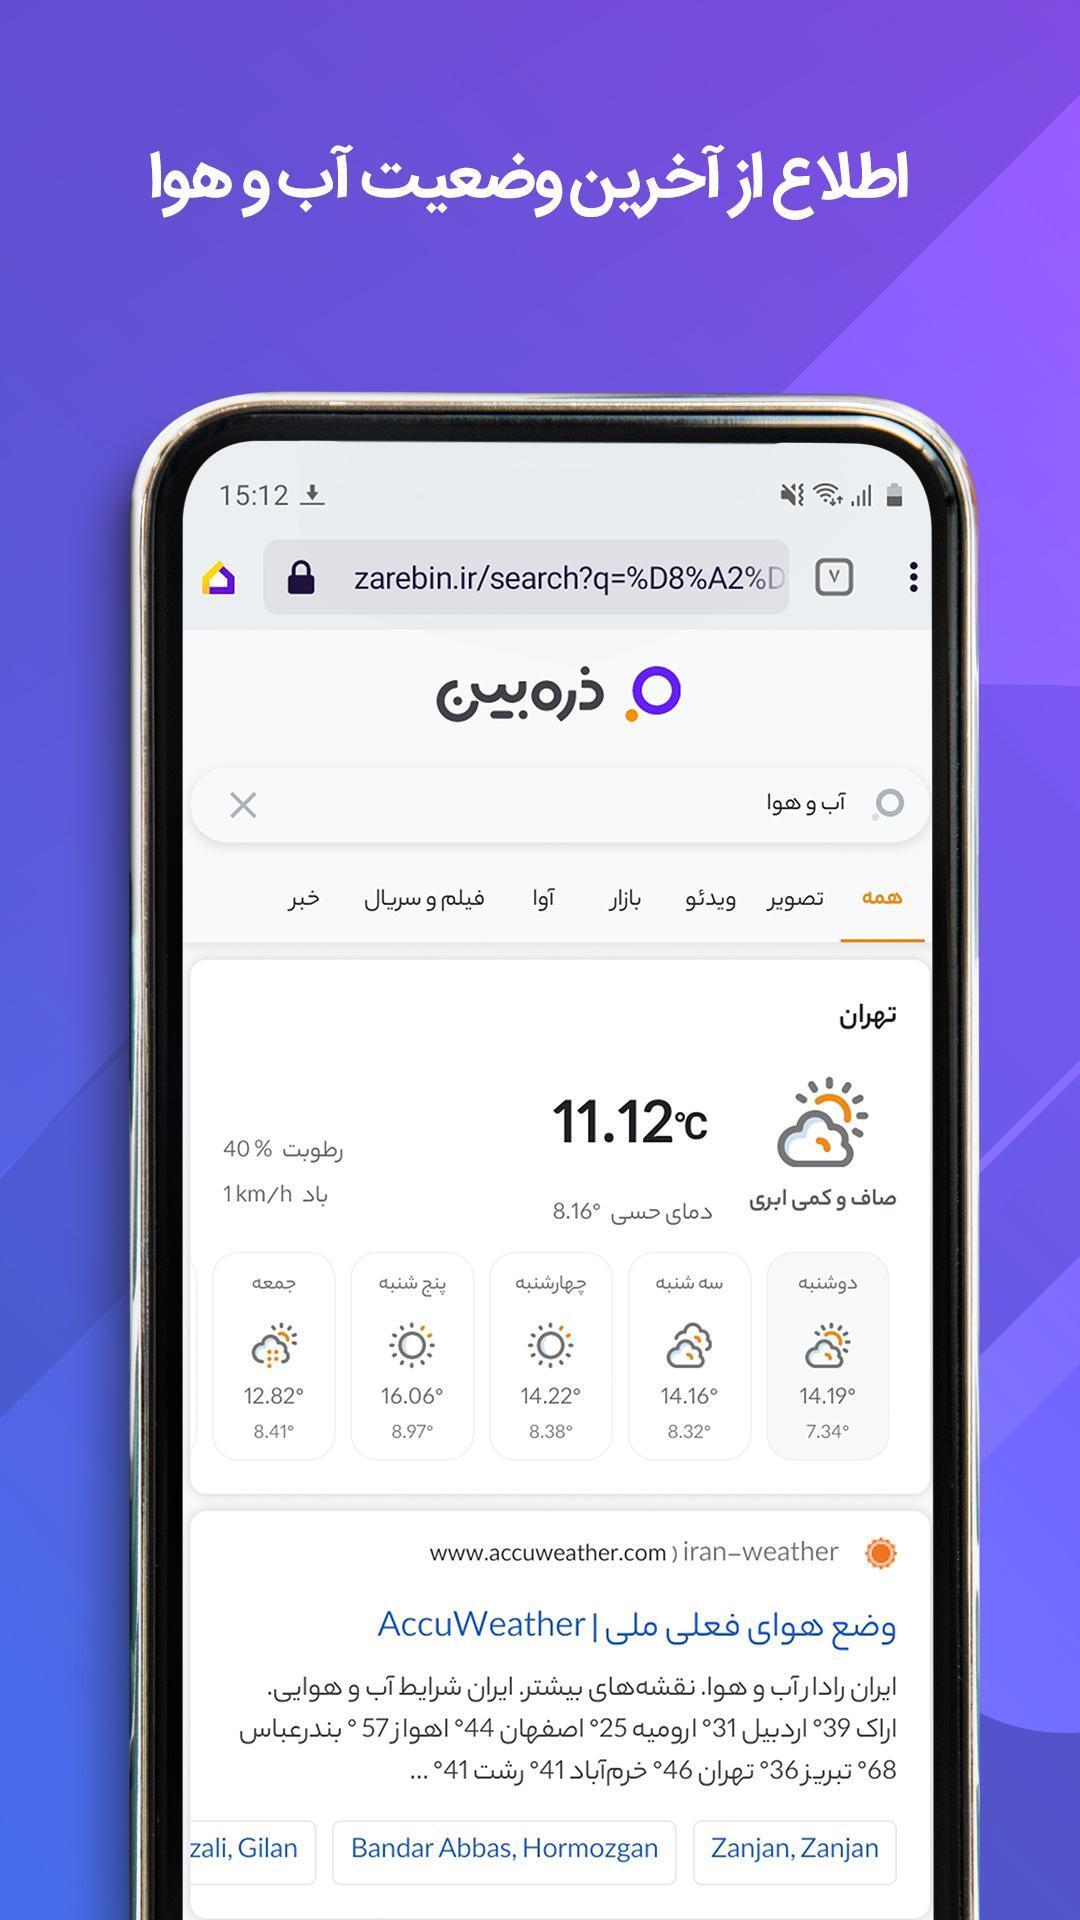 Zarebin Iran's domestic search engine